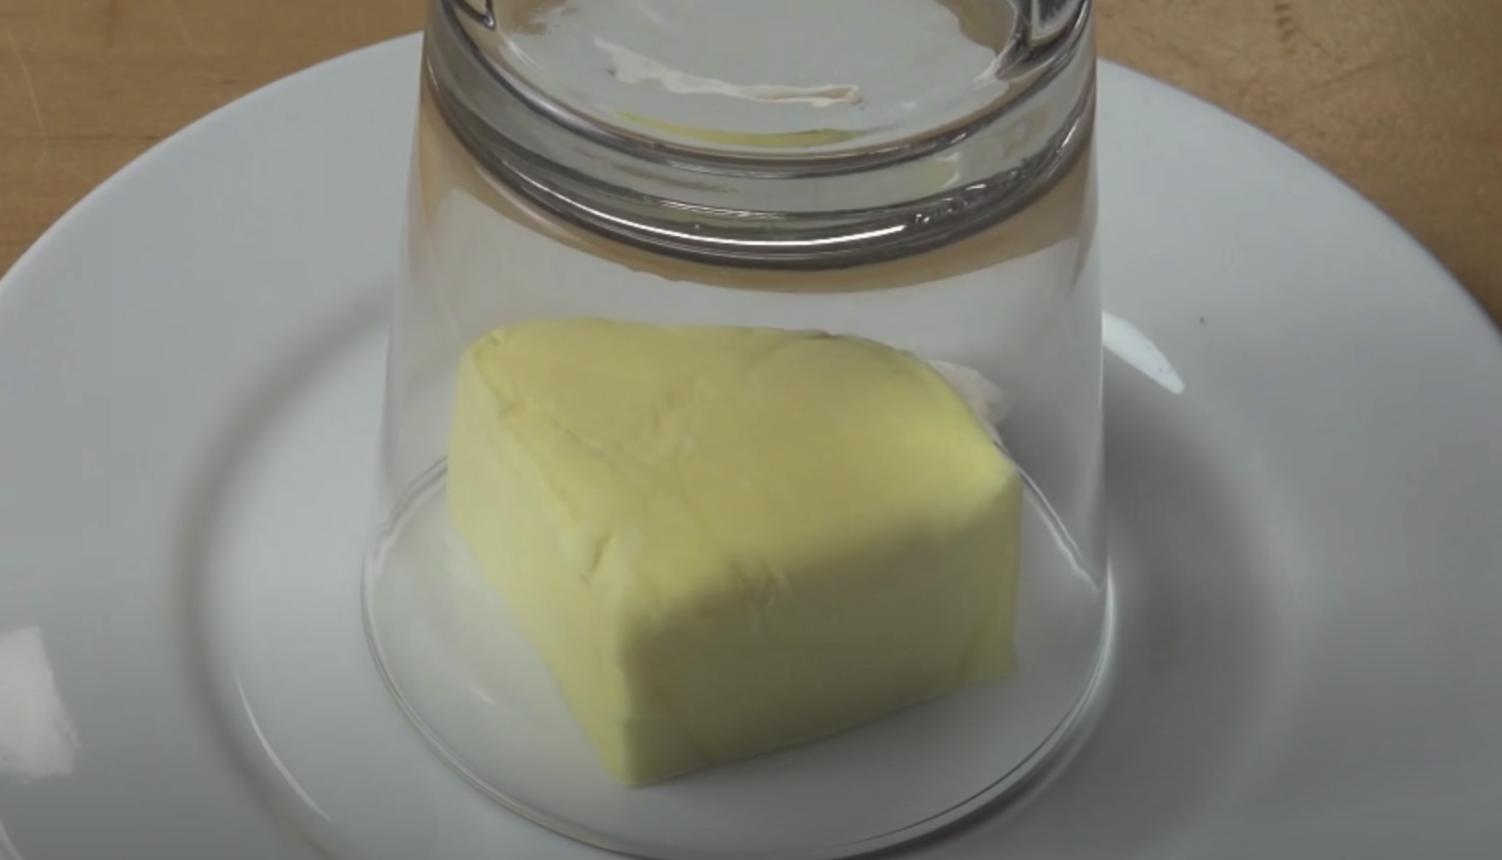 Butter underneath a hot glass